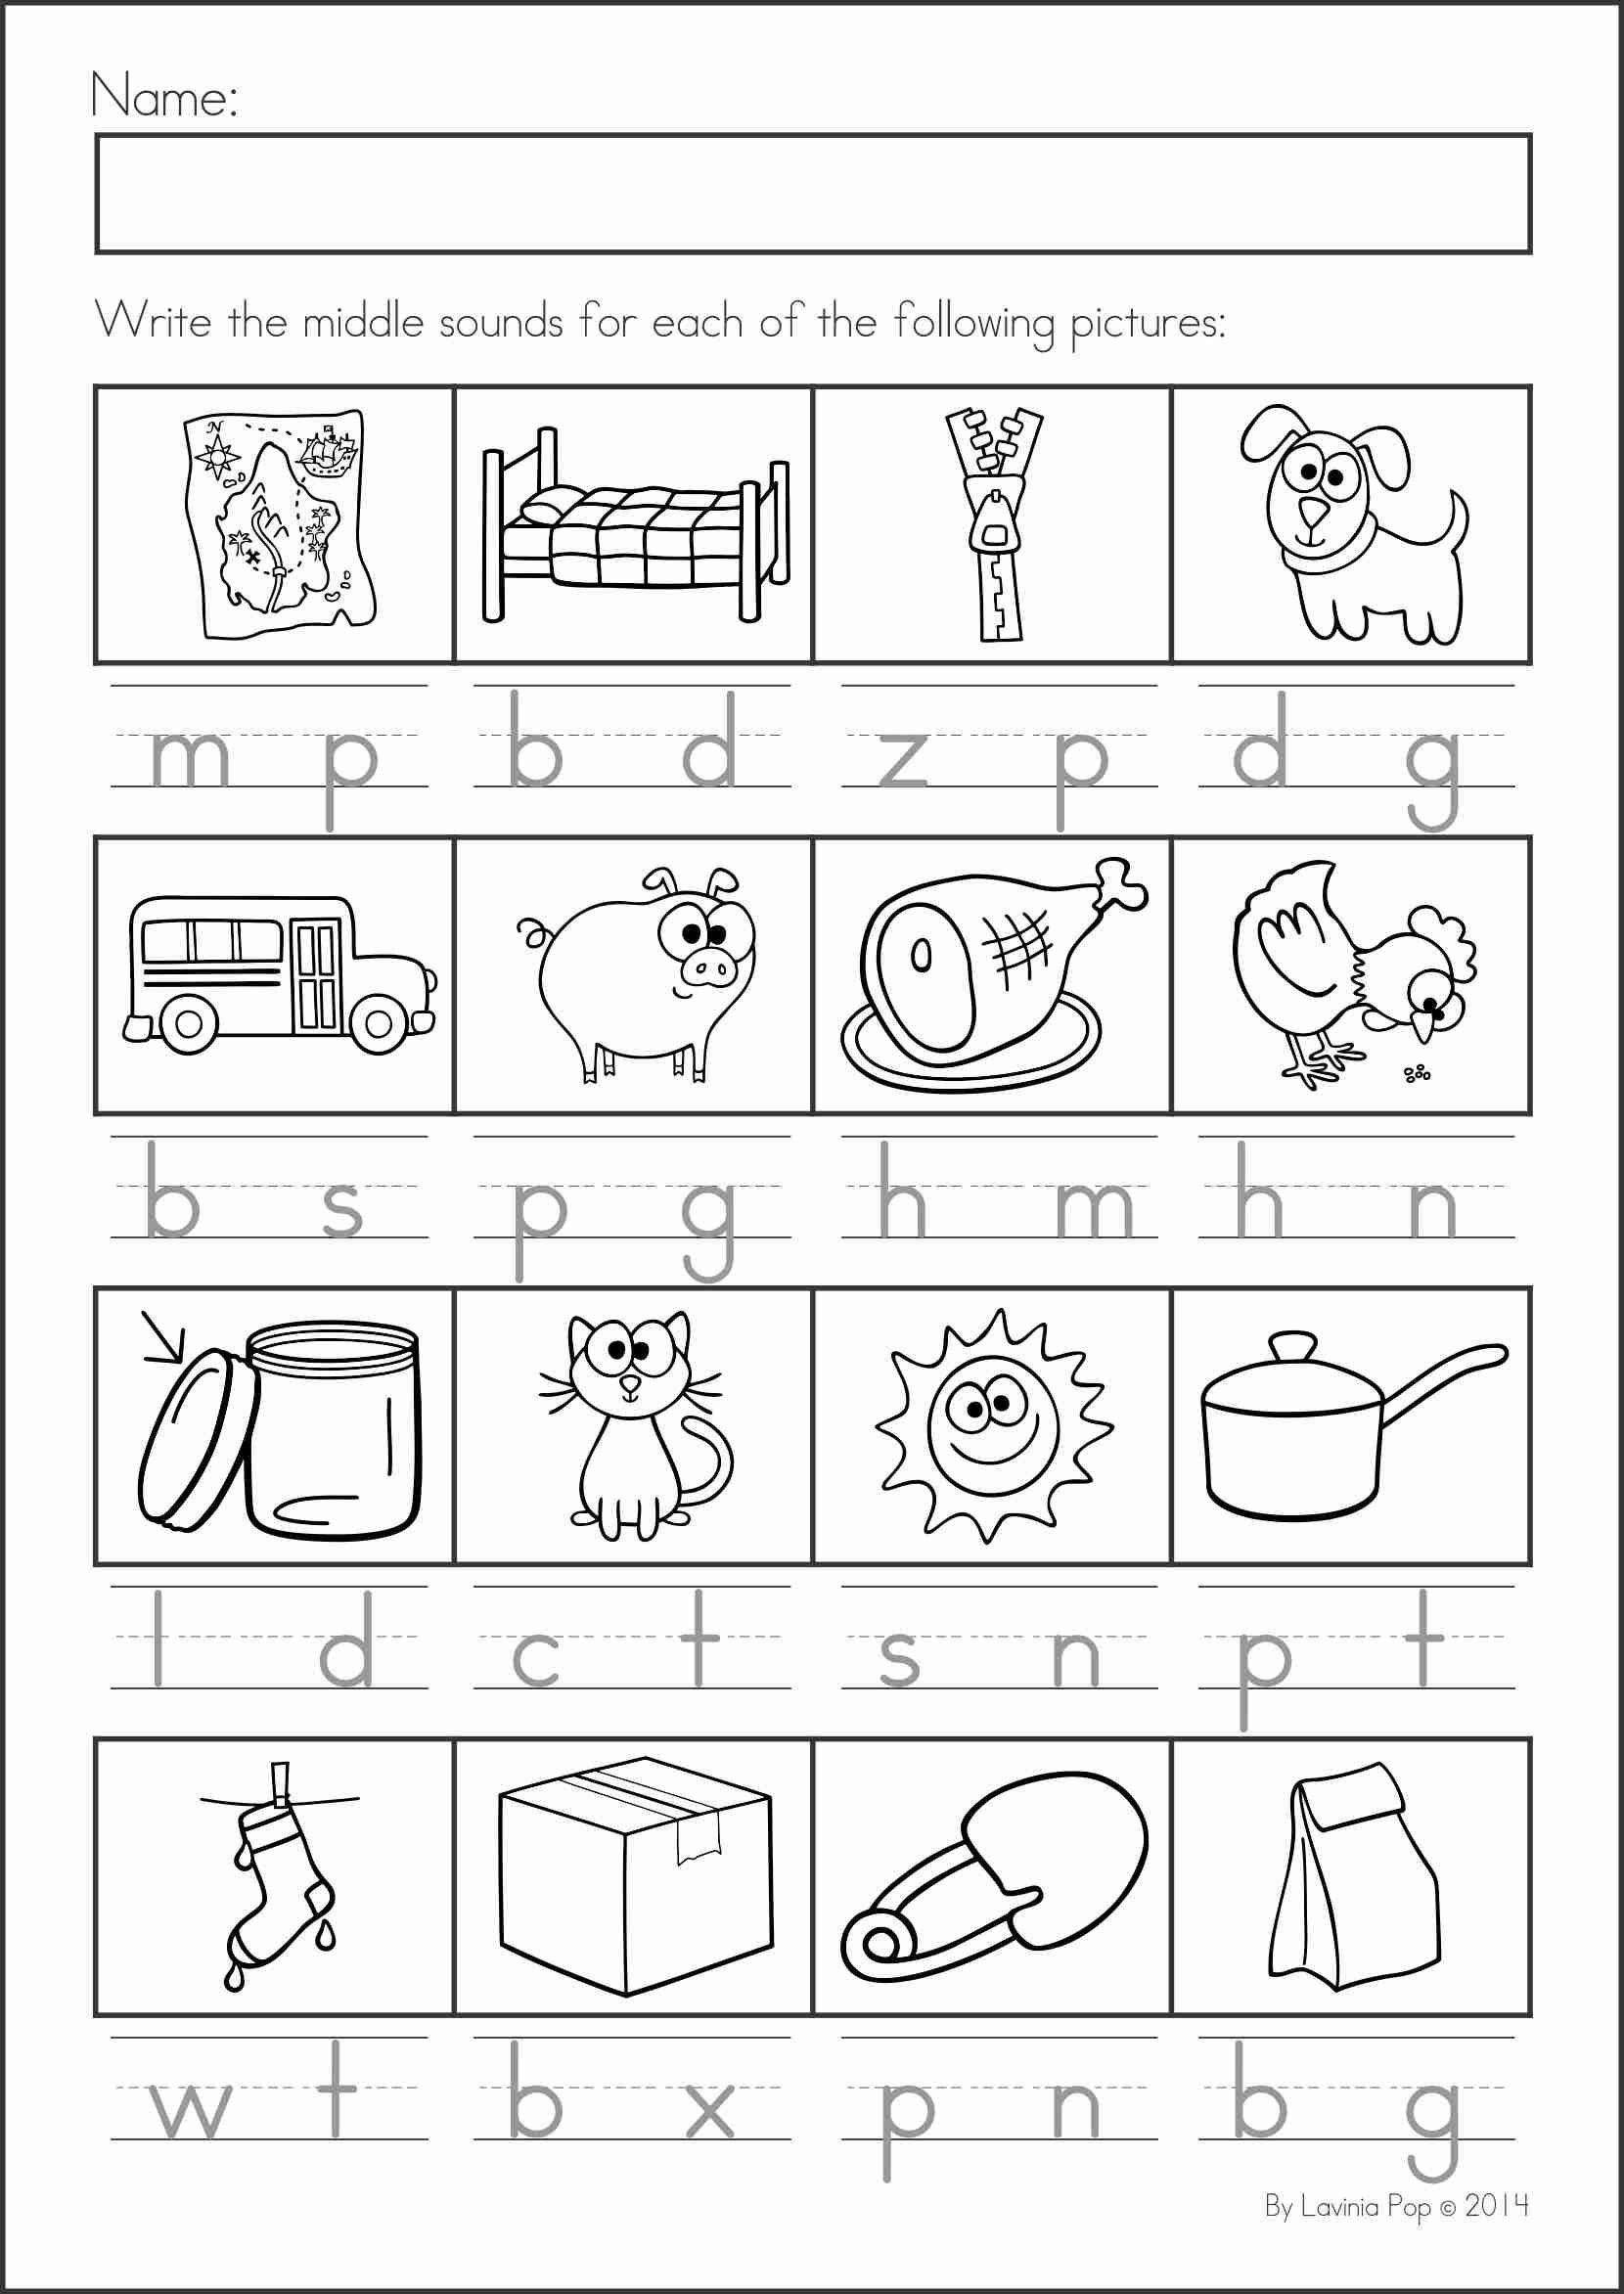 20 Middle Sounds Worksheets For Kindergarten In